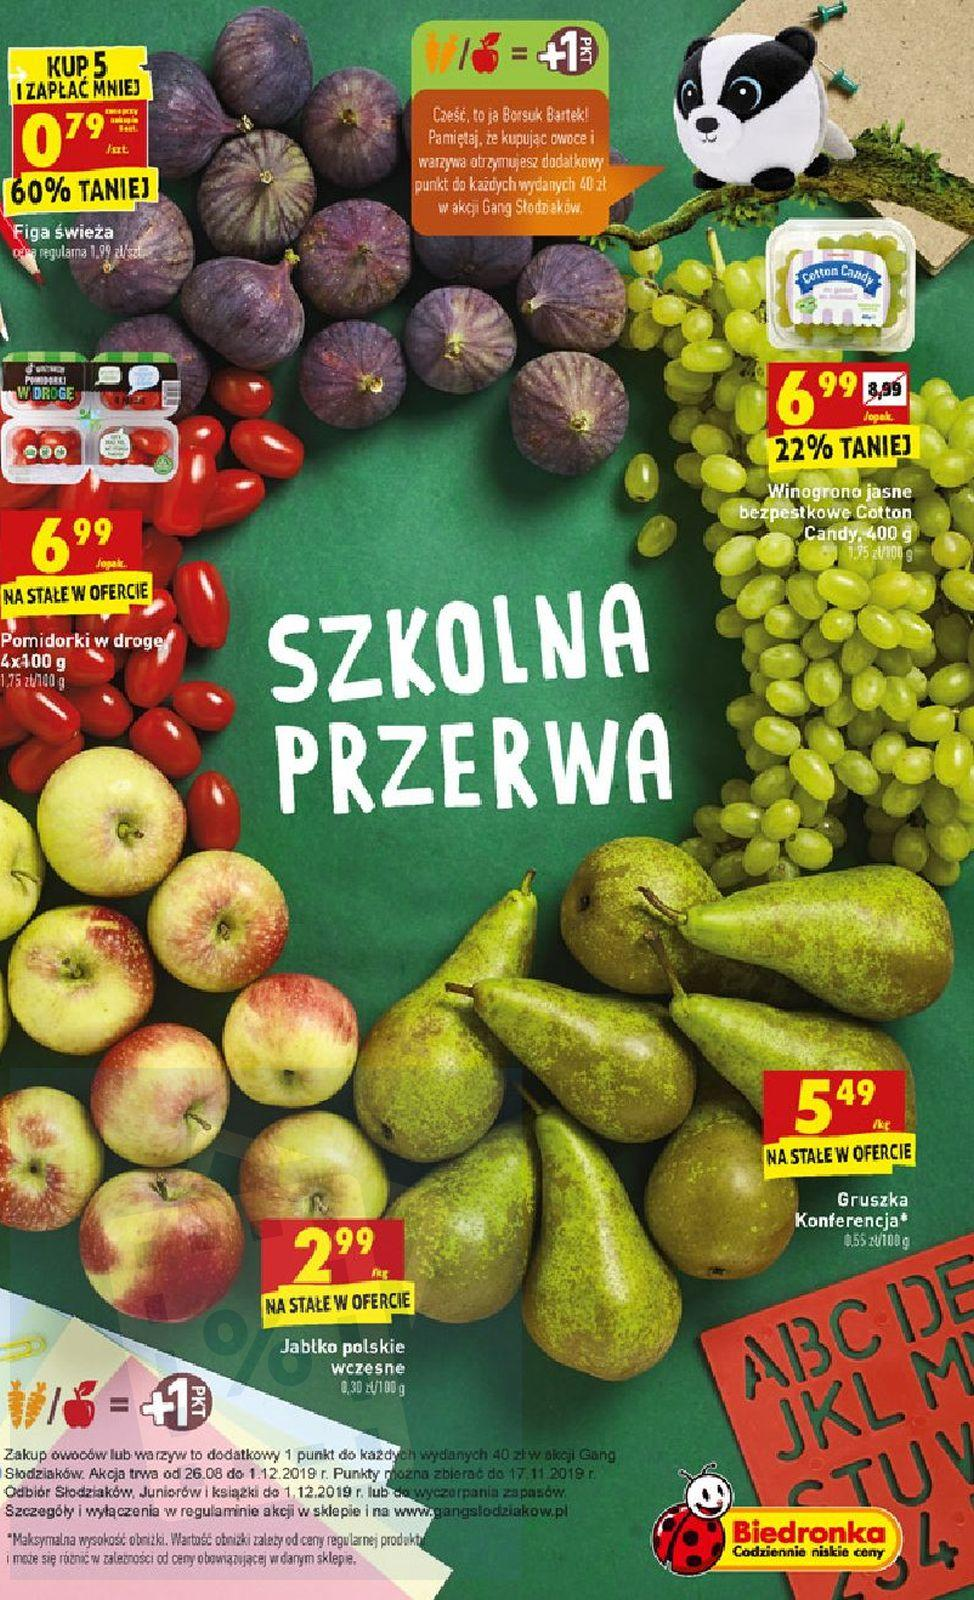 Gazetka promocyjna Biedronka do 07/09/2019 str.10